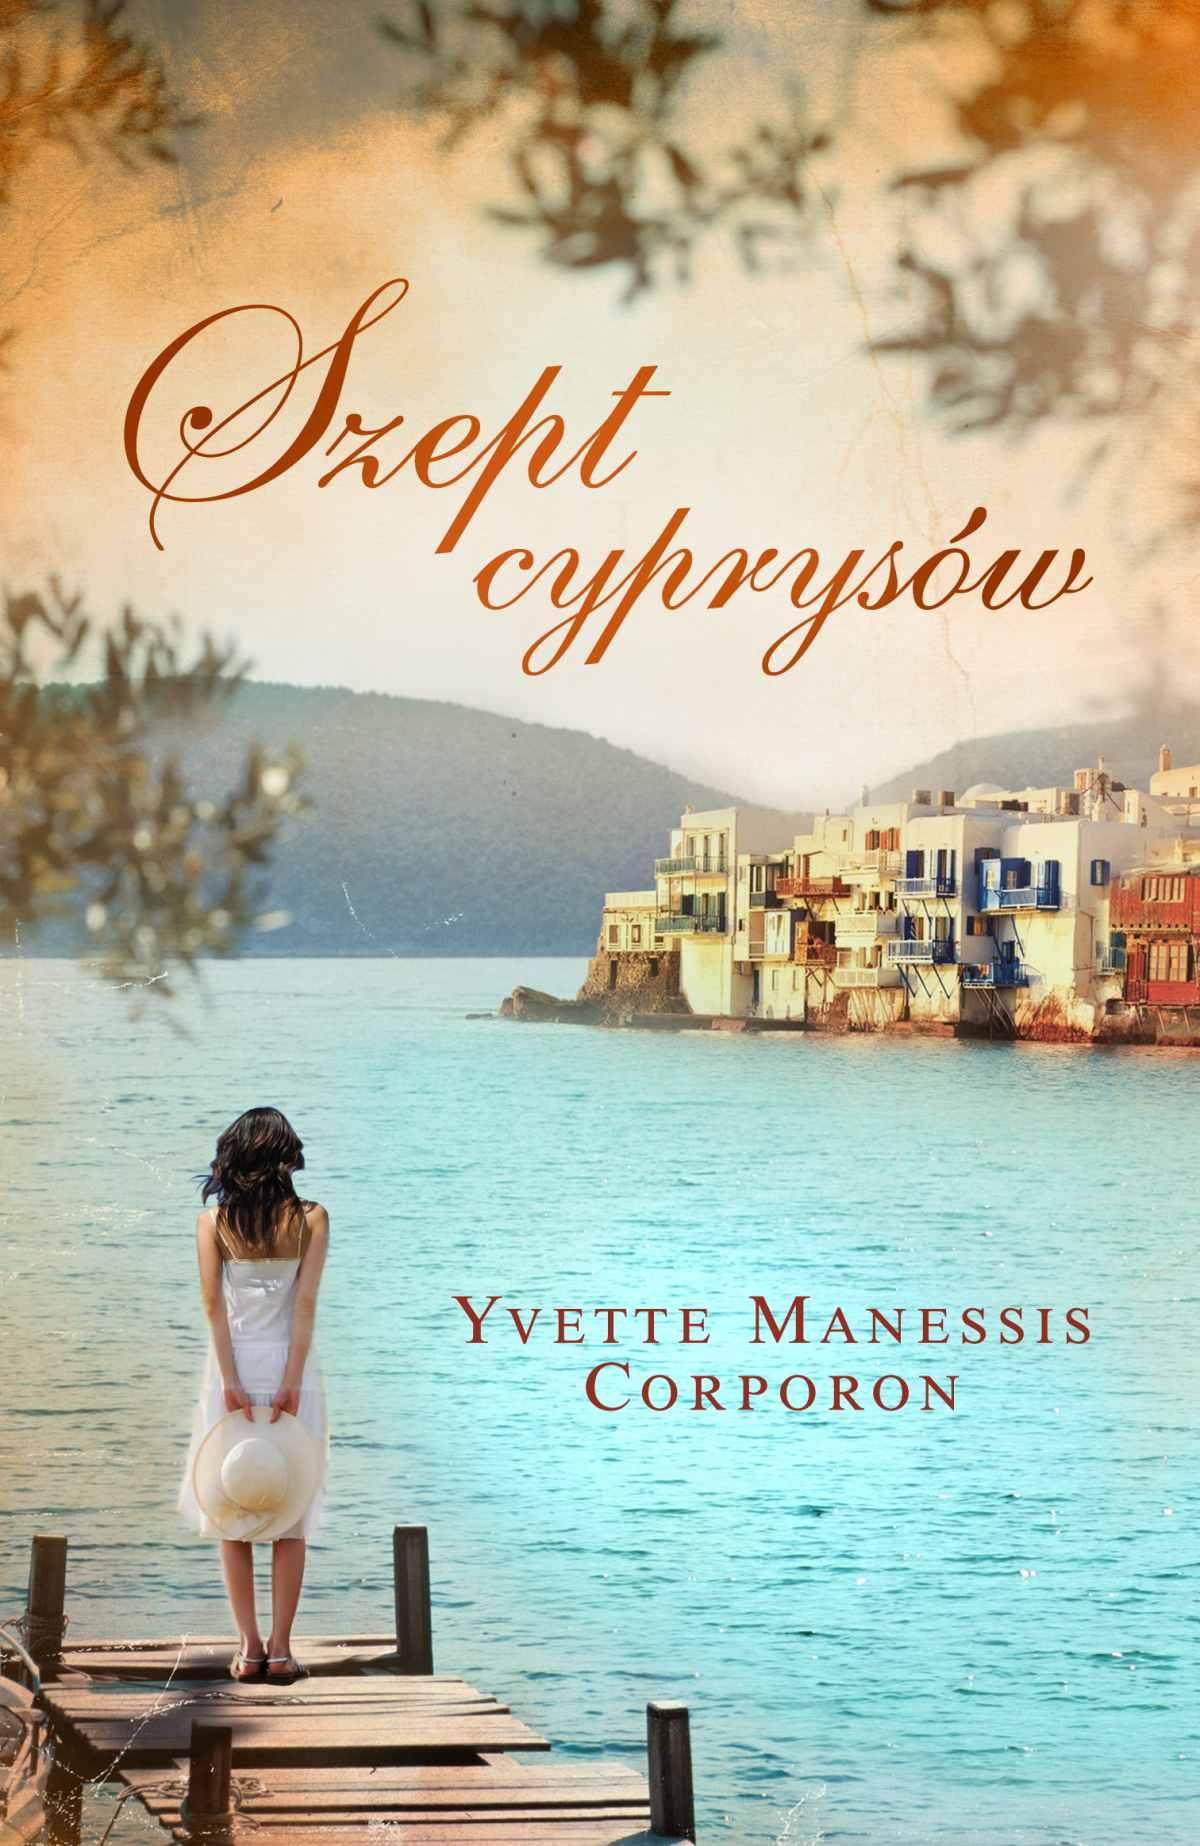 Szept cyprysów - Ebook (Książka na Kindle) do pobrania w formacie MOBI